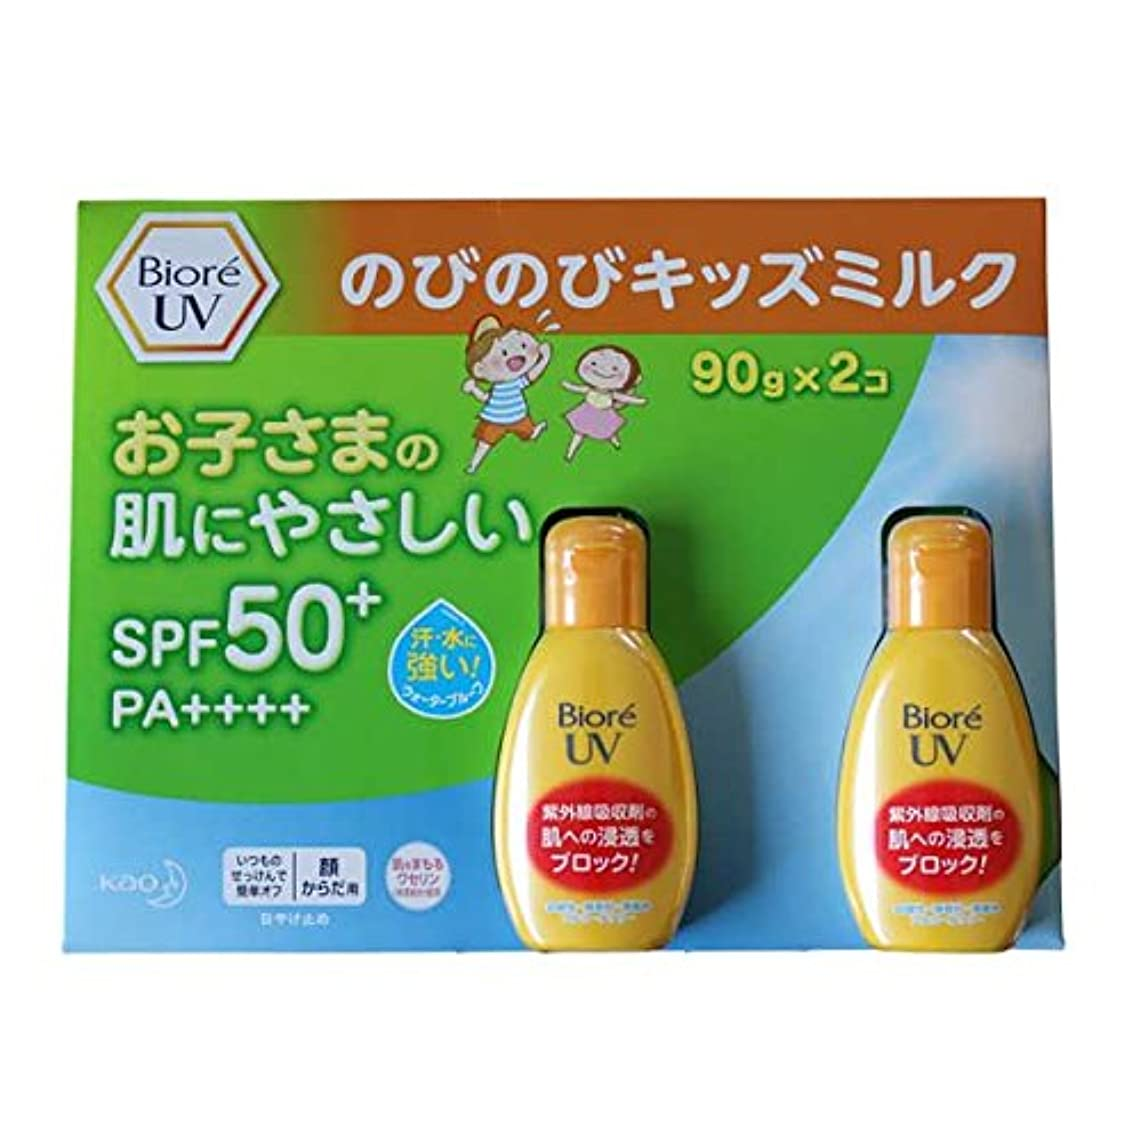 ジムキャンバス頻繁に花王 ビオレ UV のびのびキッズミルク 日焼け止め乳液 SPF50+ PA++++ 90gx2本セット 強力紫外線カット